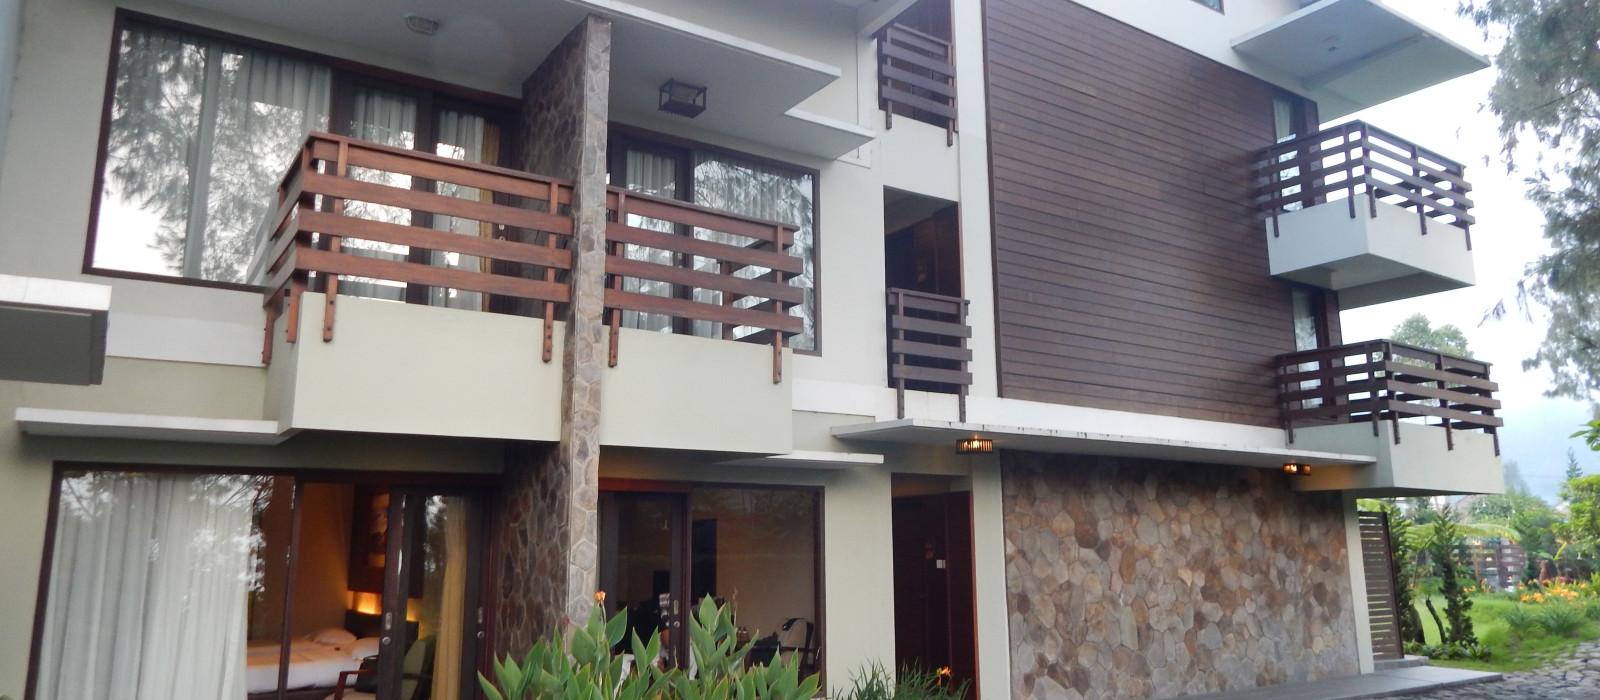 Hotel Jiwa Jawa Resort Bromo Indonesien